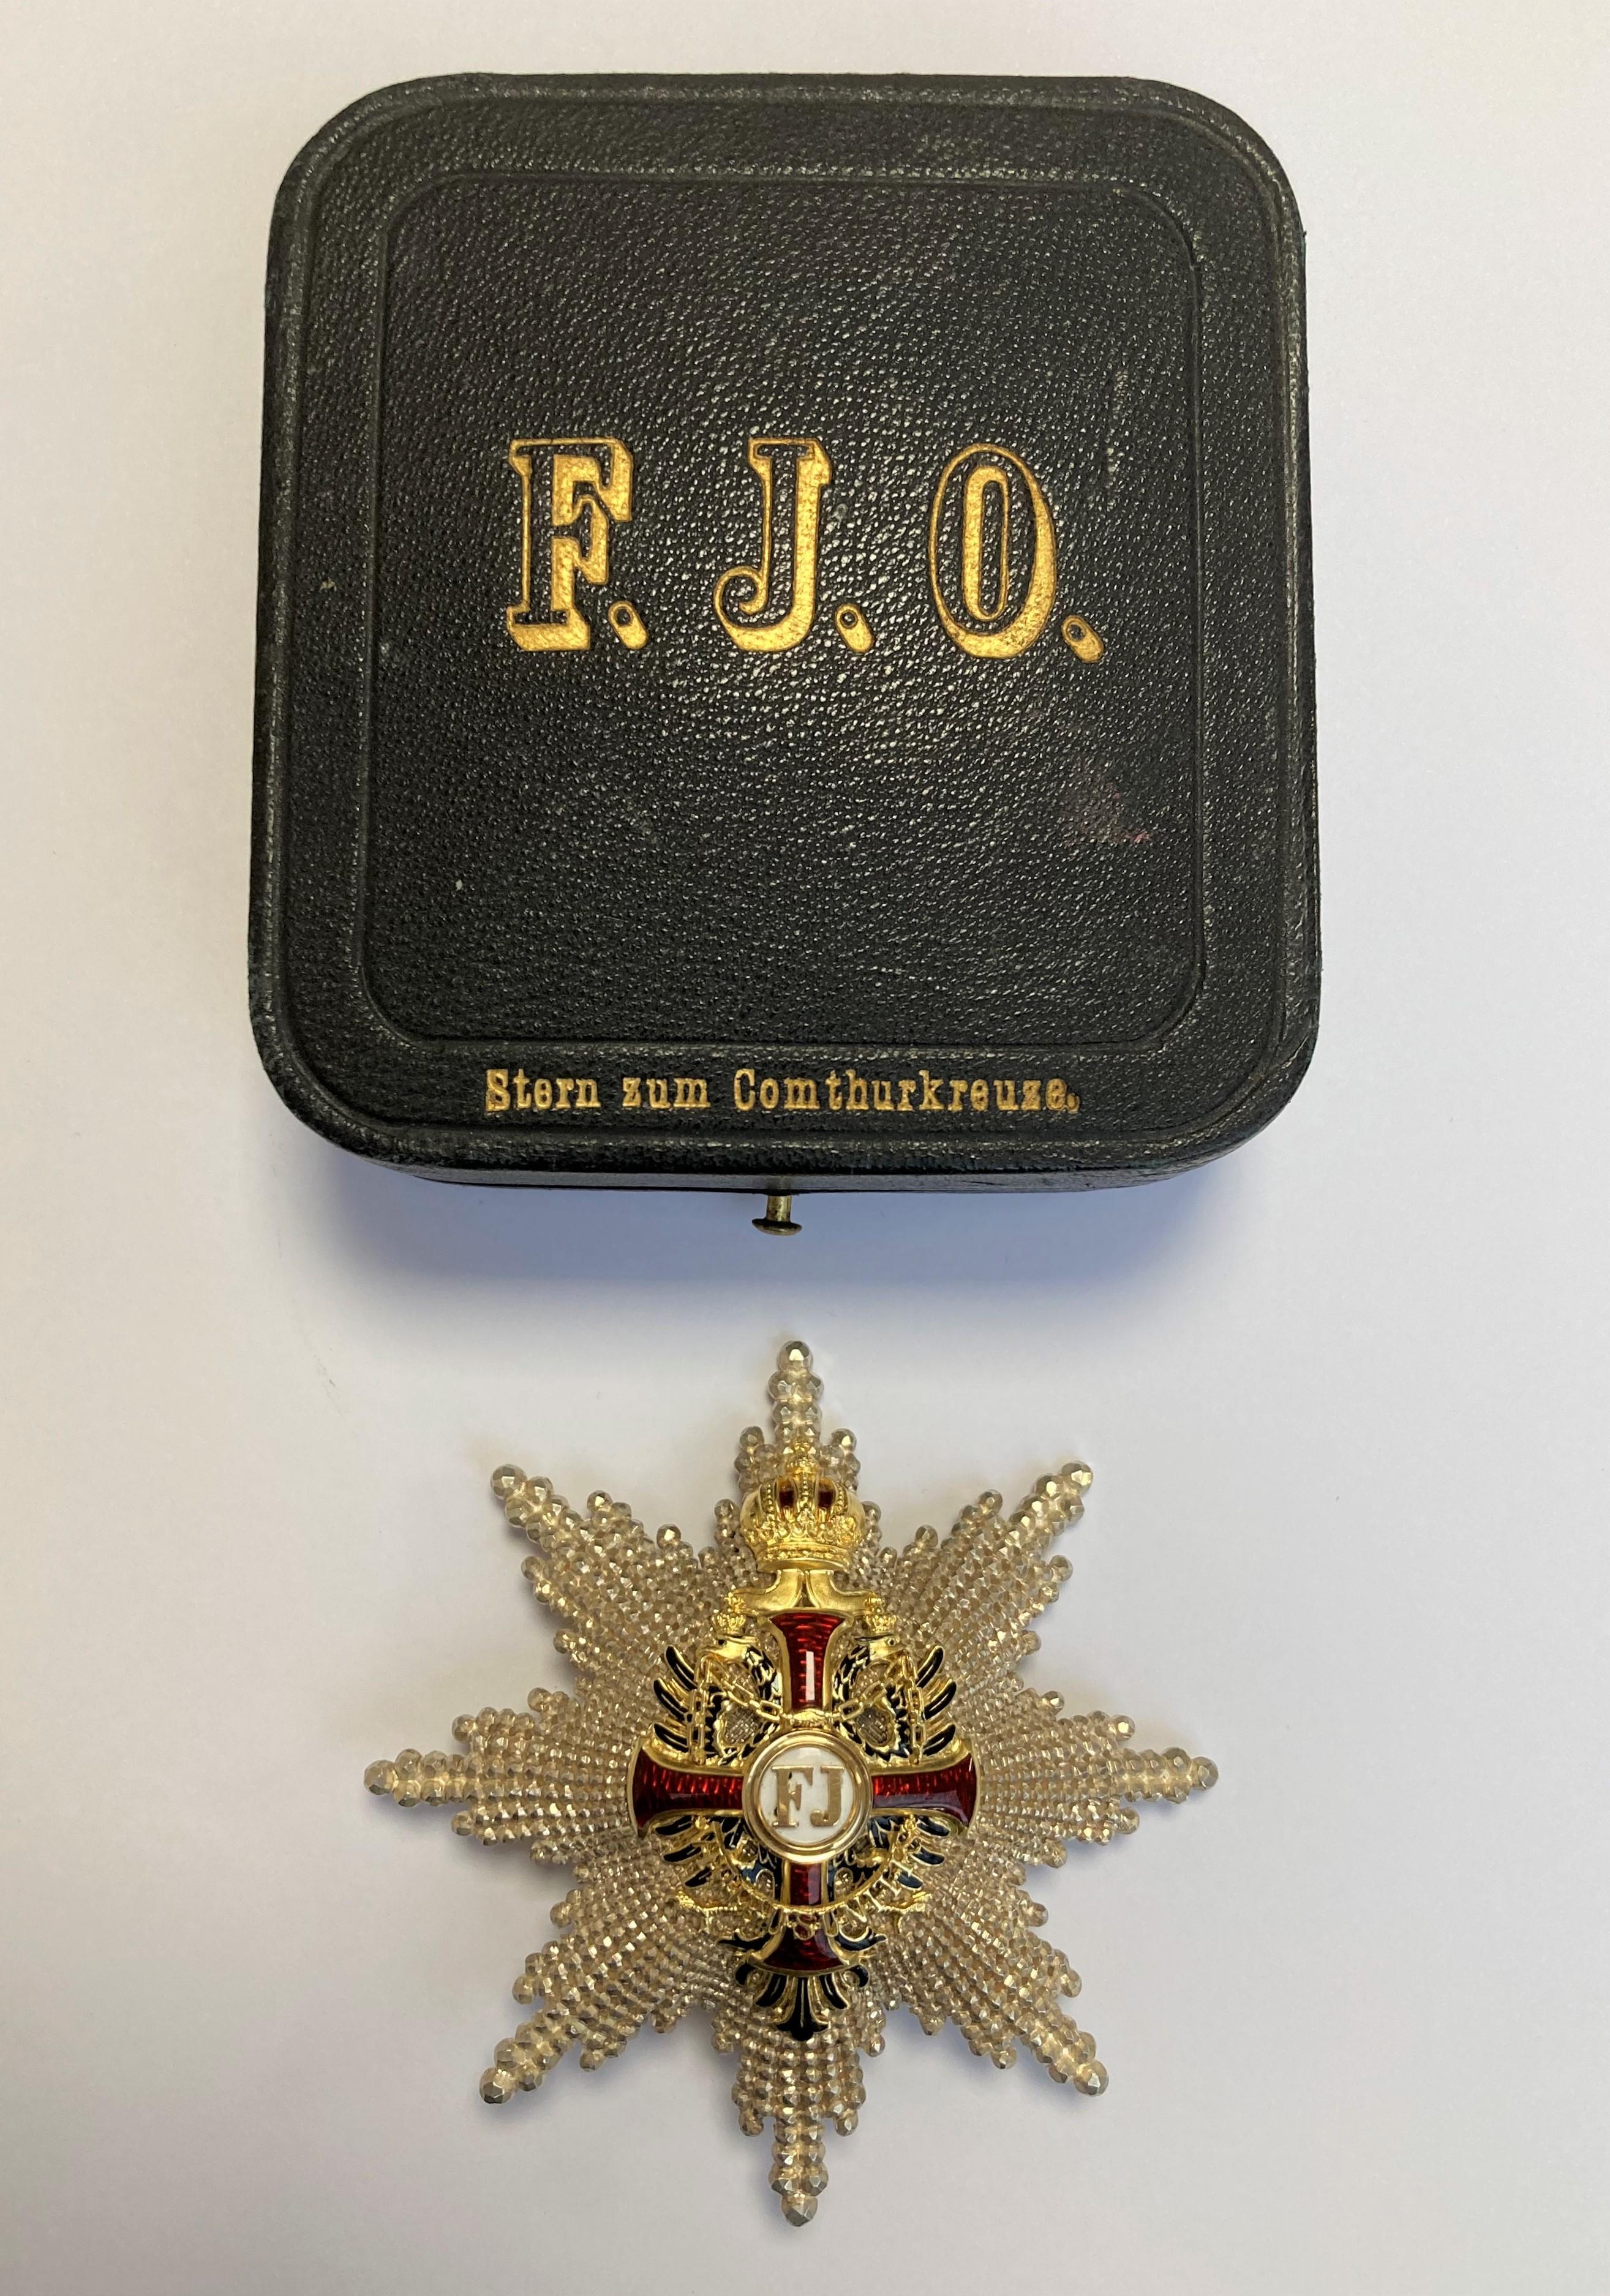 PLAQUE de Grand Officier de l'Ordre autrichien de François Joseph créé en 1849. Argent cselé de